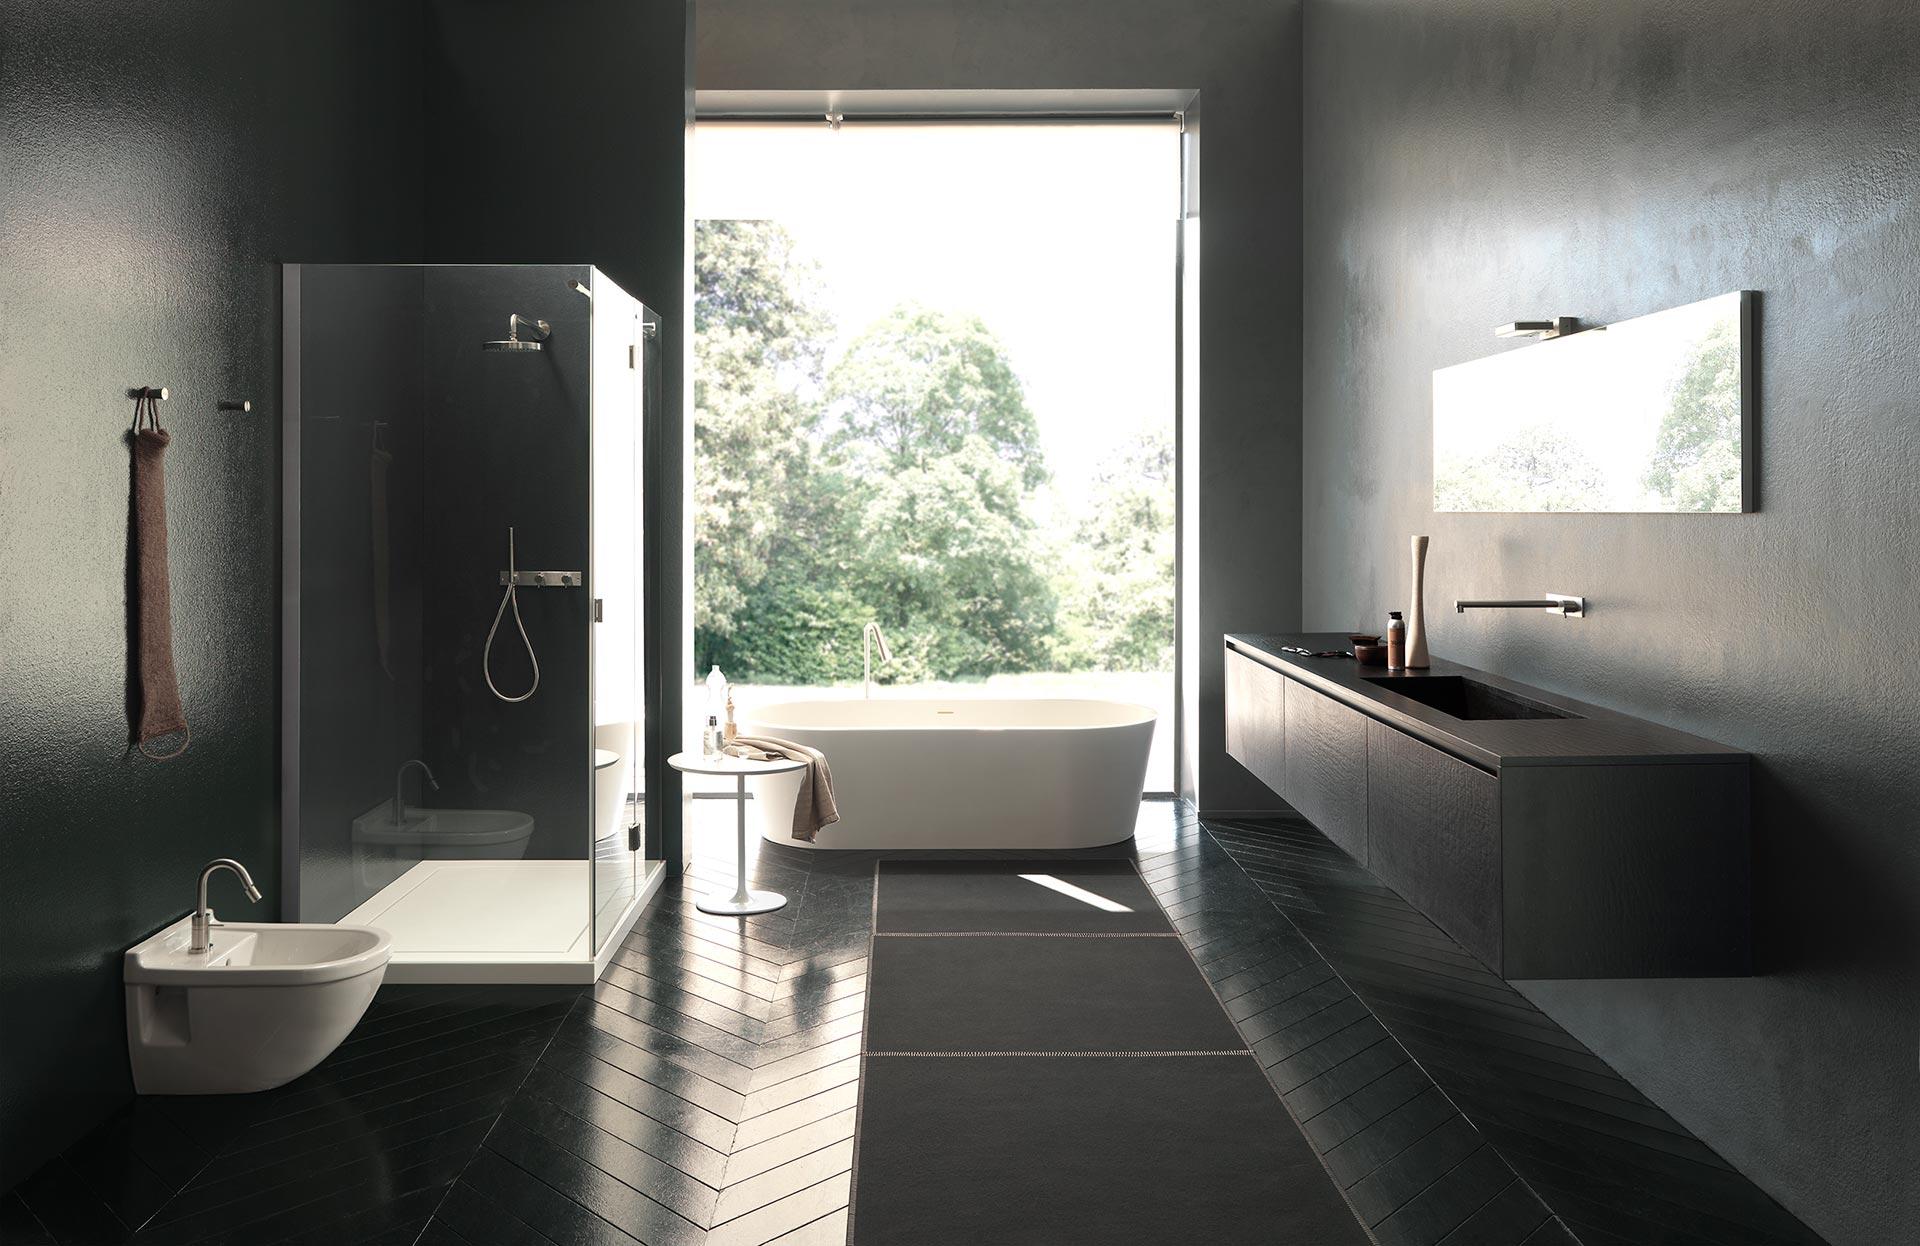 Conosciuto Arredobagno Pezzoni | Progetta e realizza il bagno di casa tua VN49